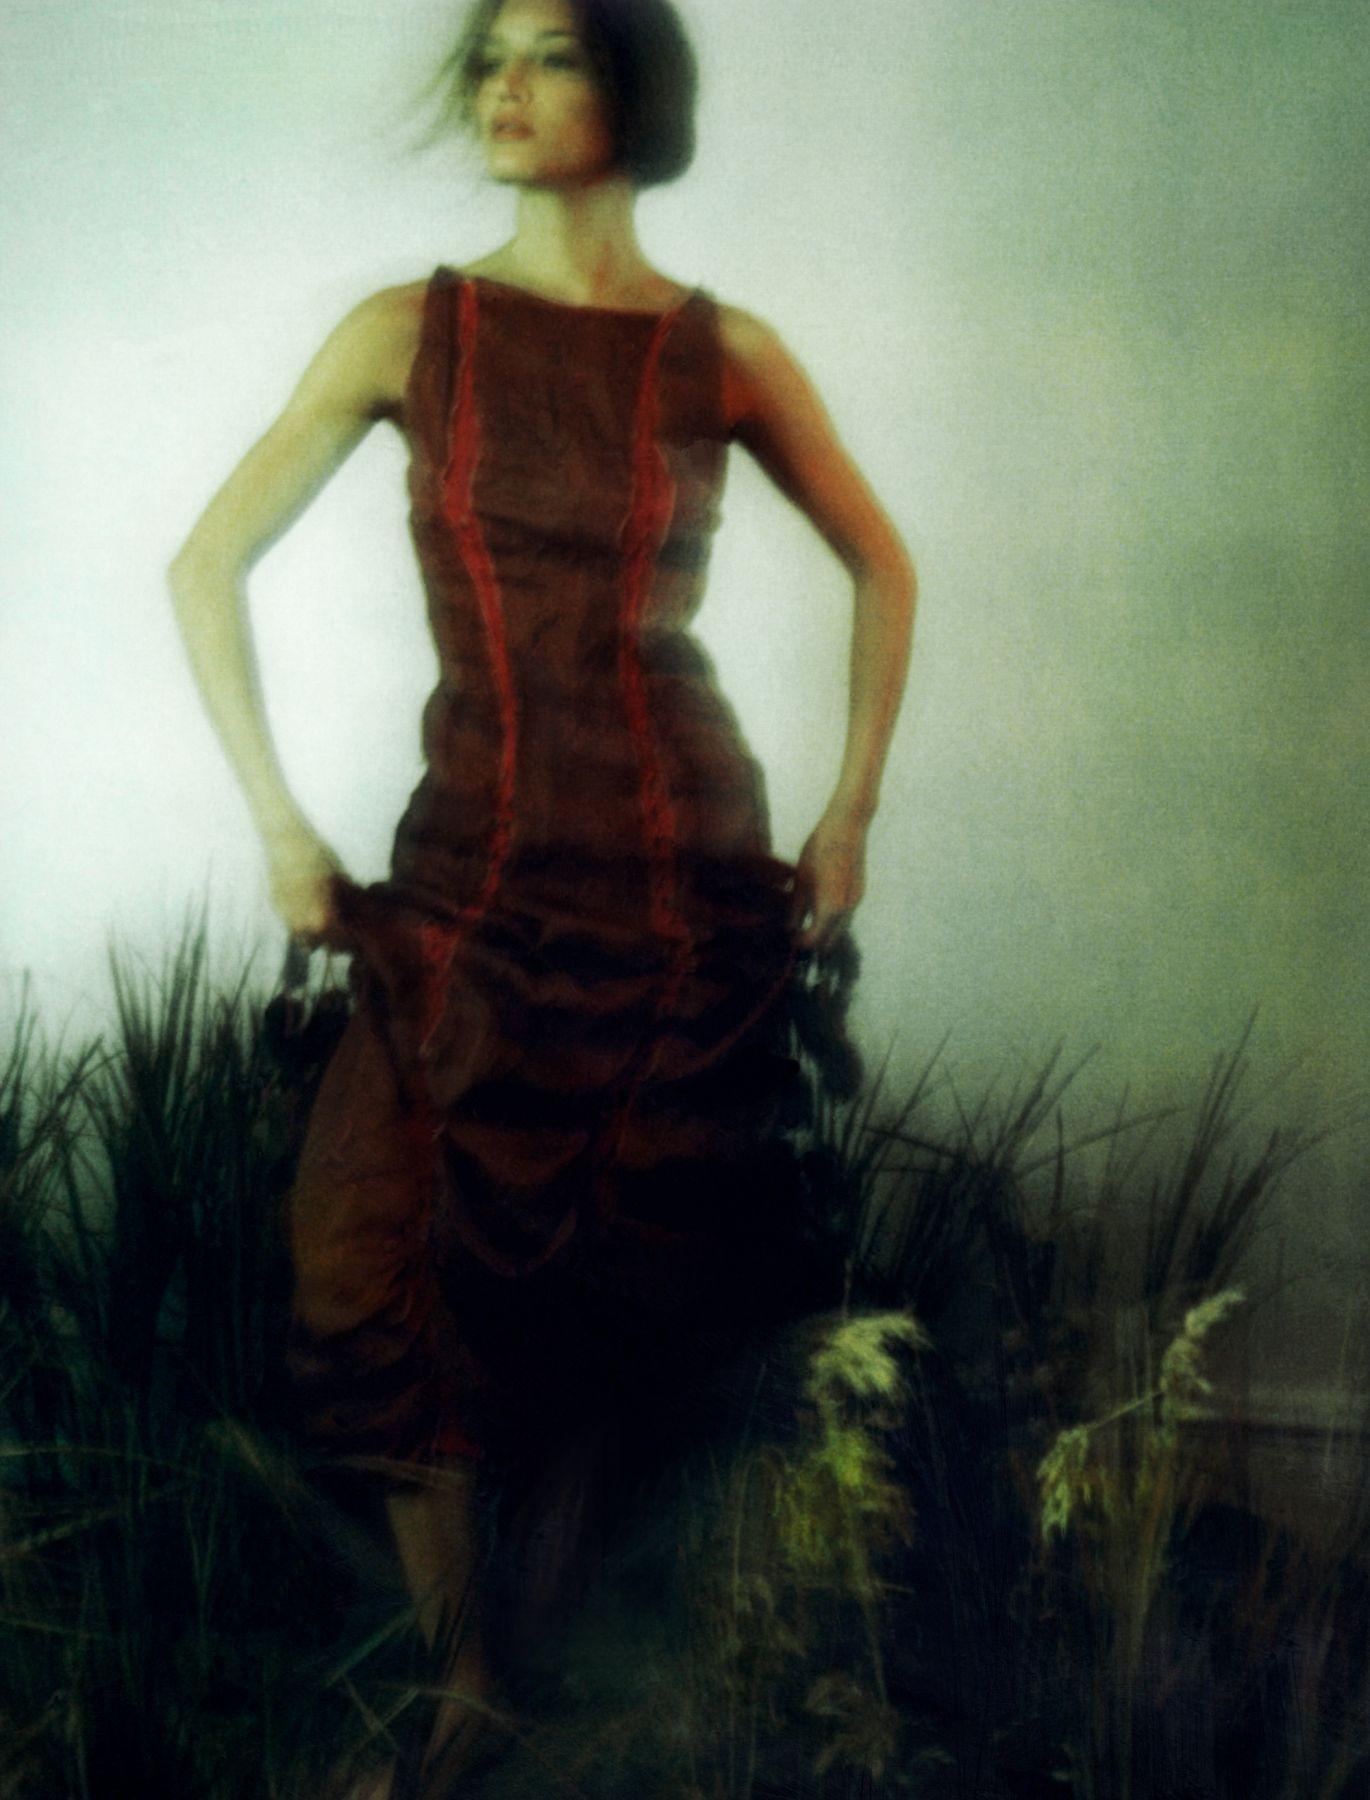 Patrick de Warren, Awoken Dream, Girl in Field 3, 2000, Sous Les Etoiles Gallery